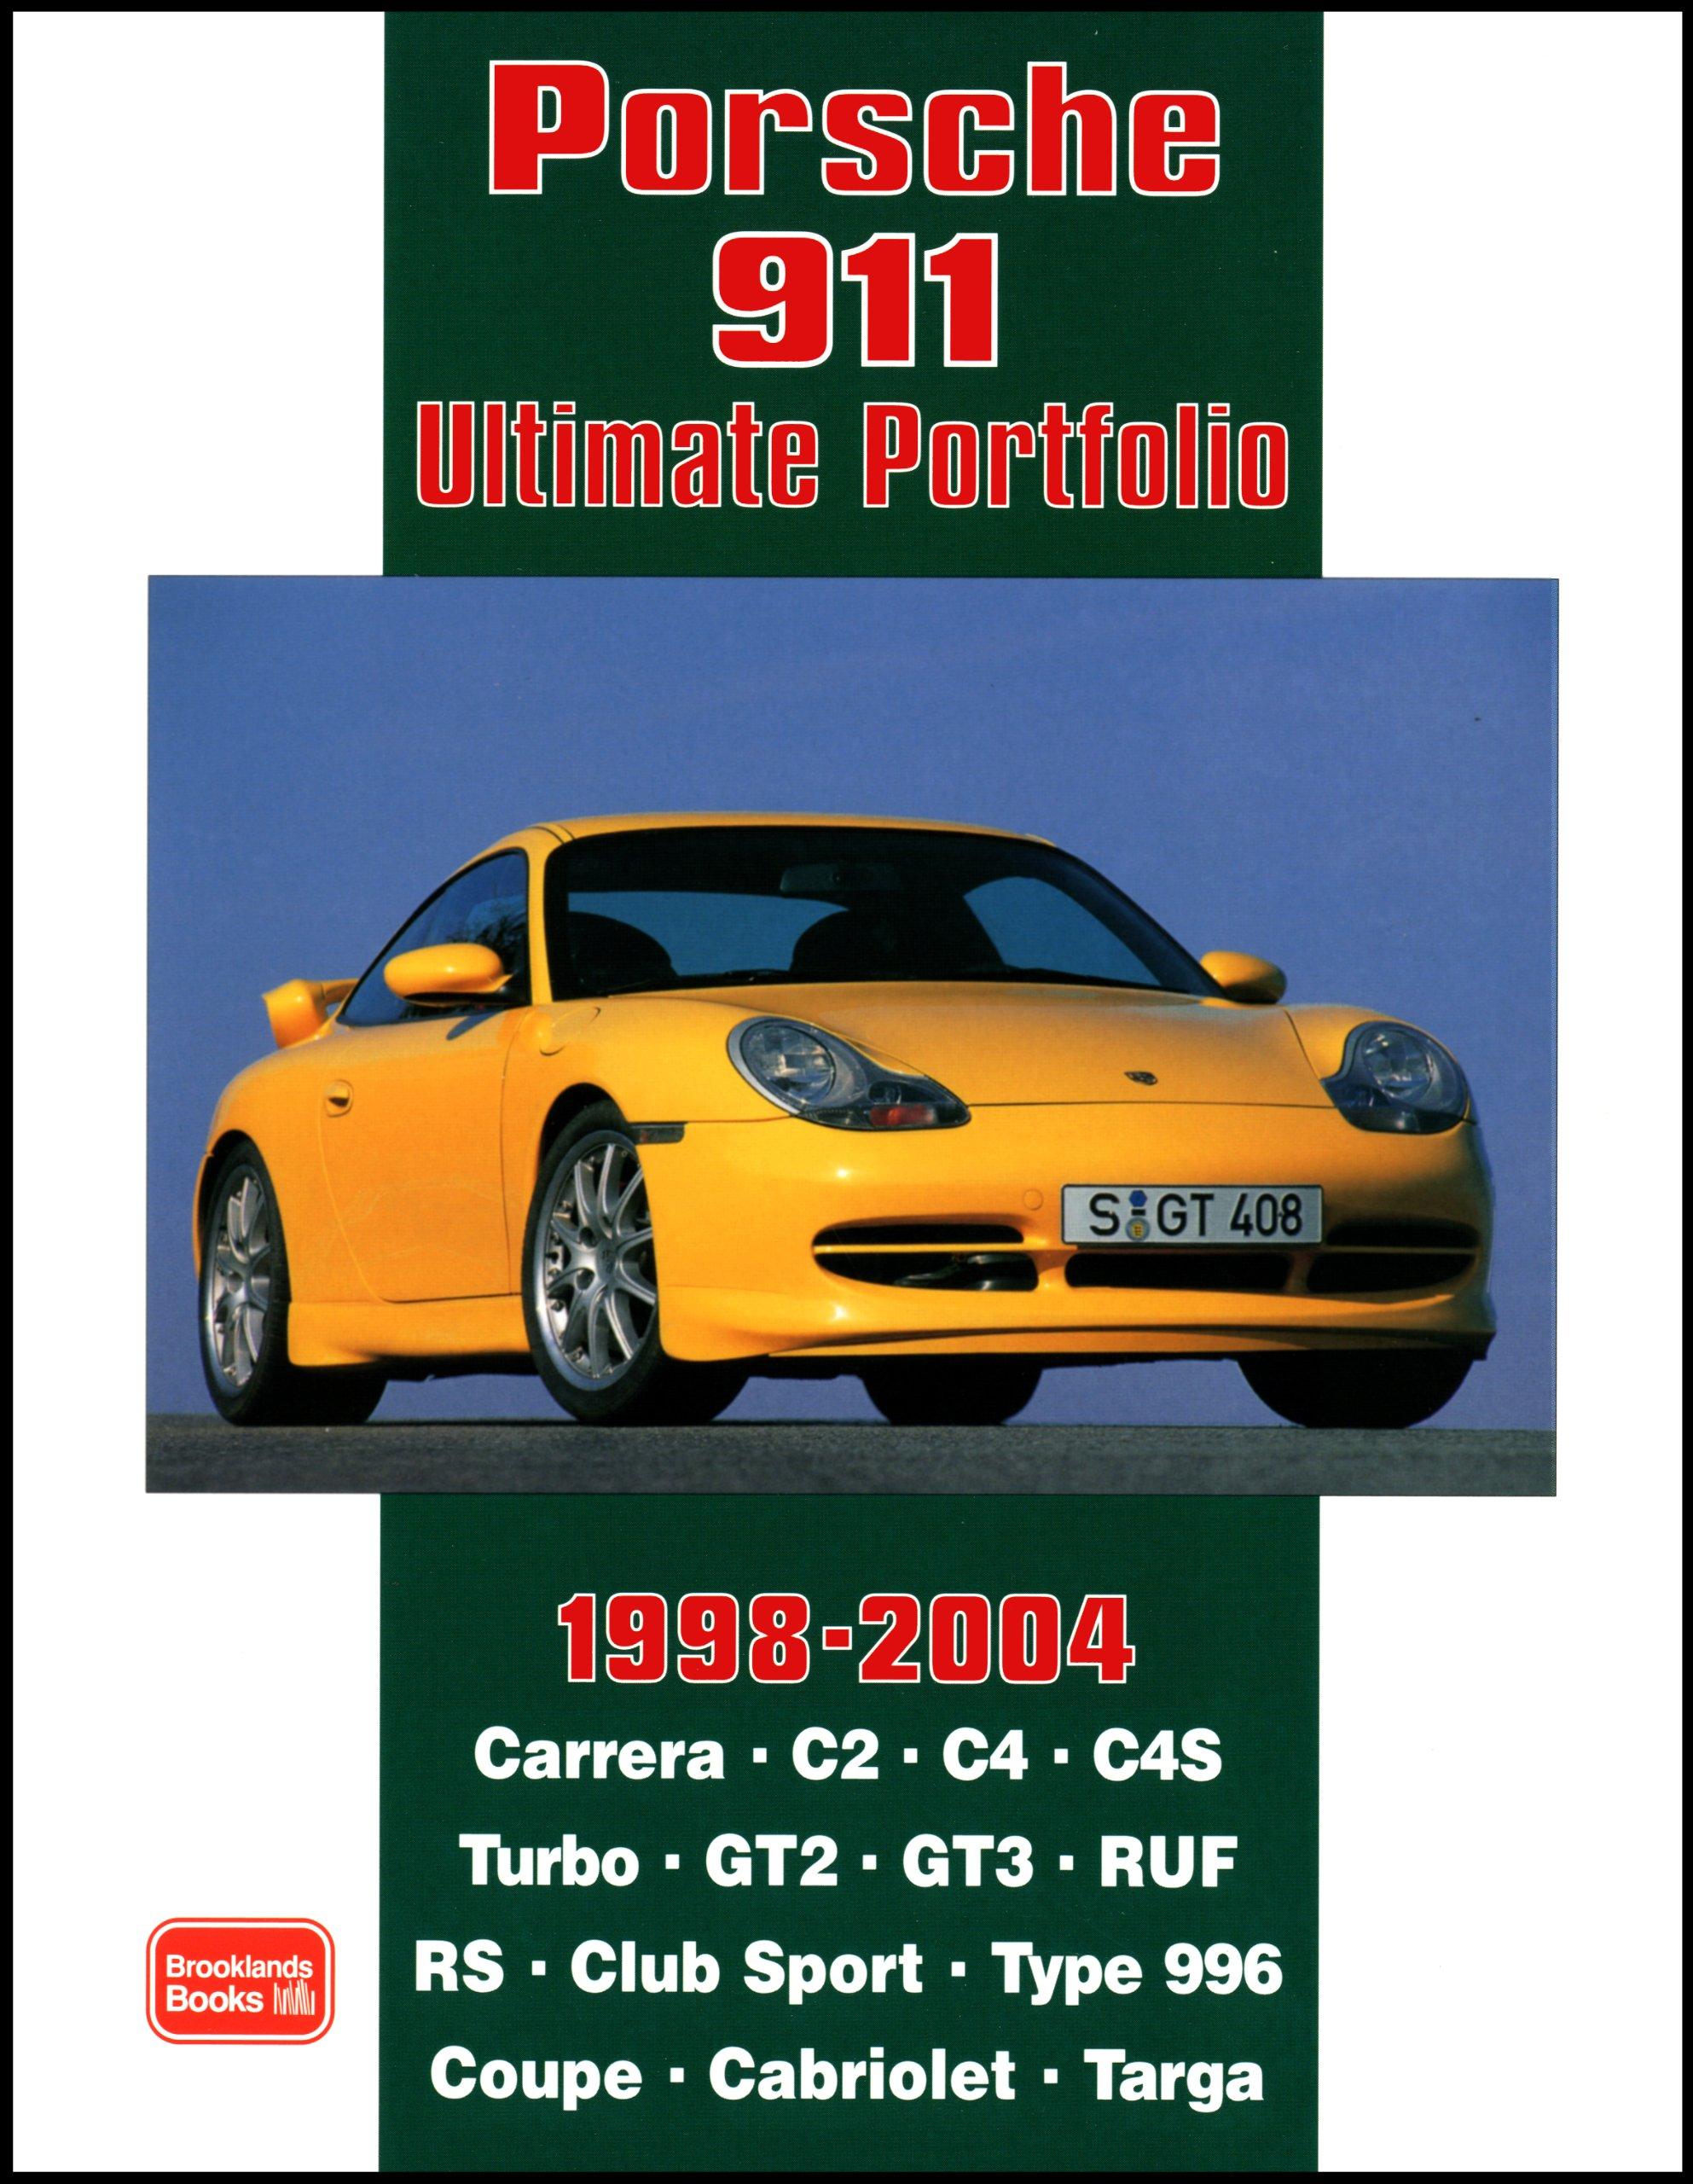 Porsche 911 Ultimate Portfolio 1998-2004: Amazon.es: R. M. Clarke: Libros en idiomas extranjeros